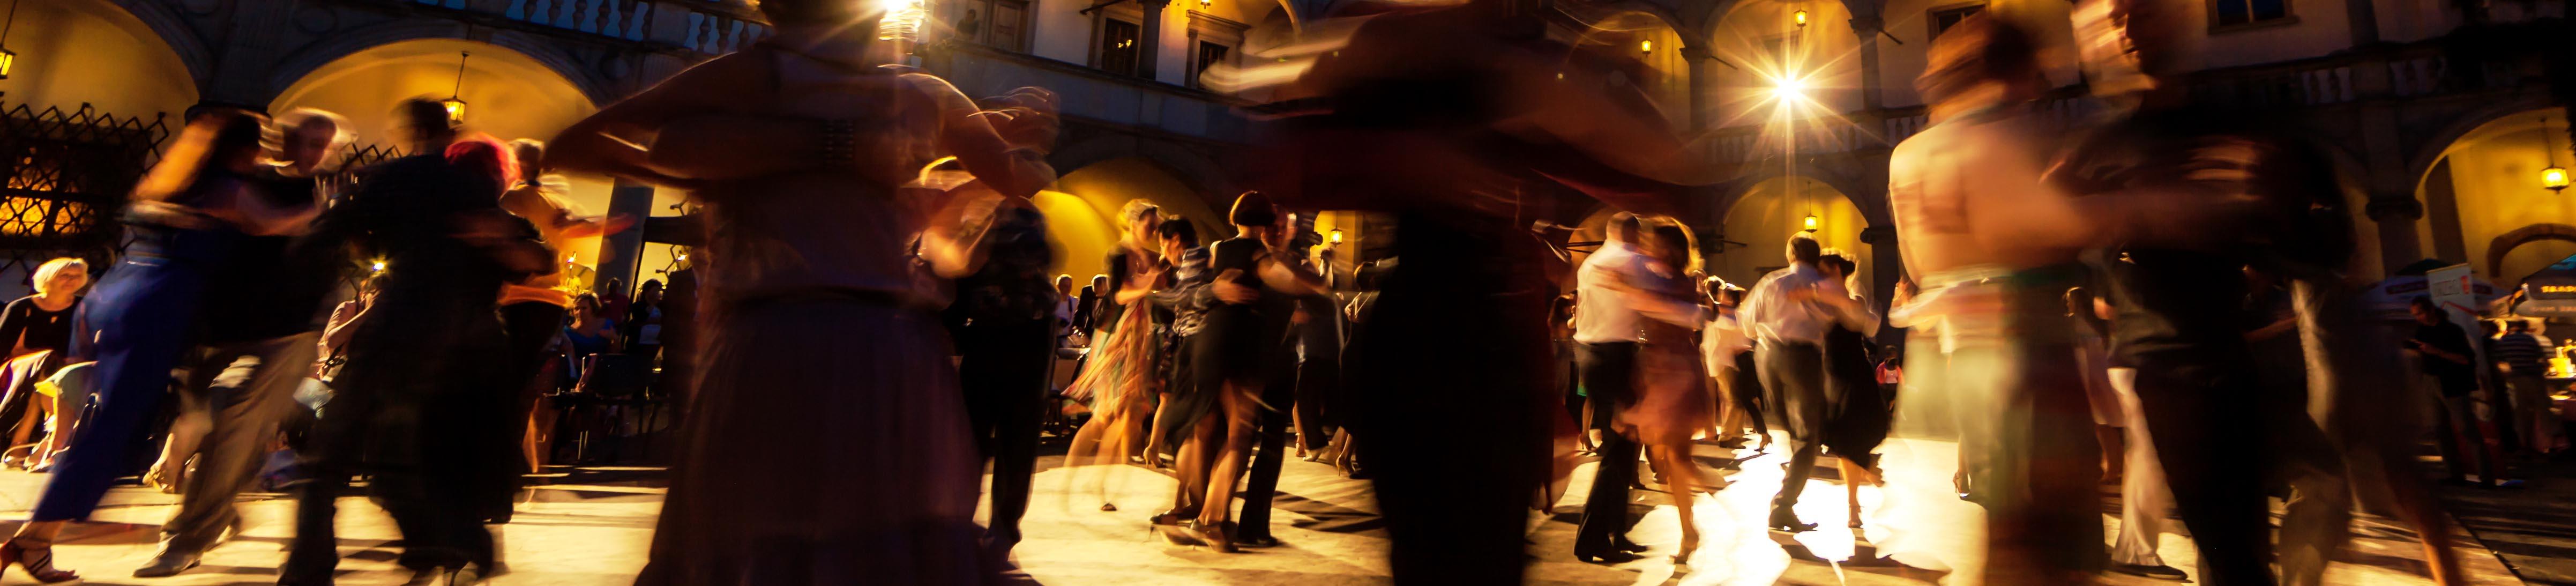 Festivités et jours fériés de l'année en Argentine